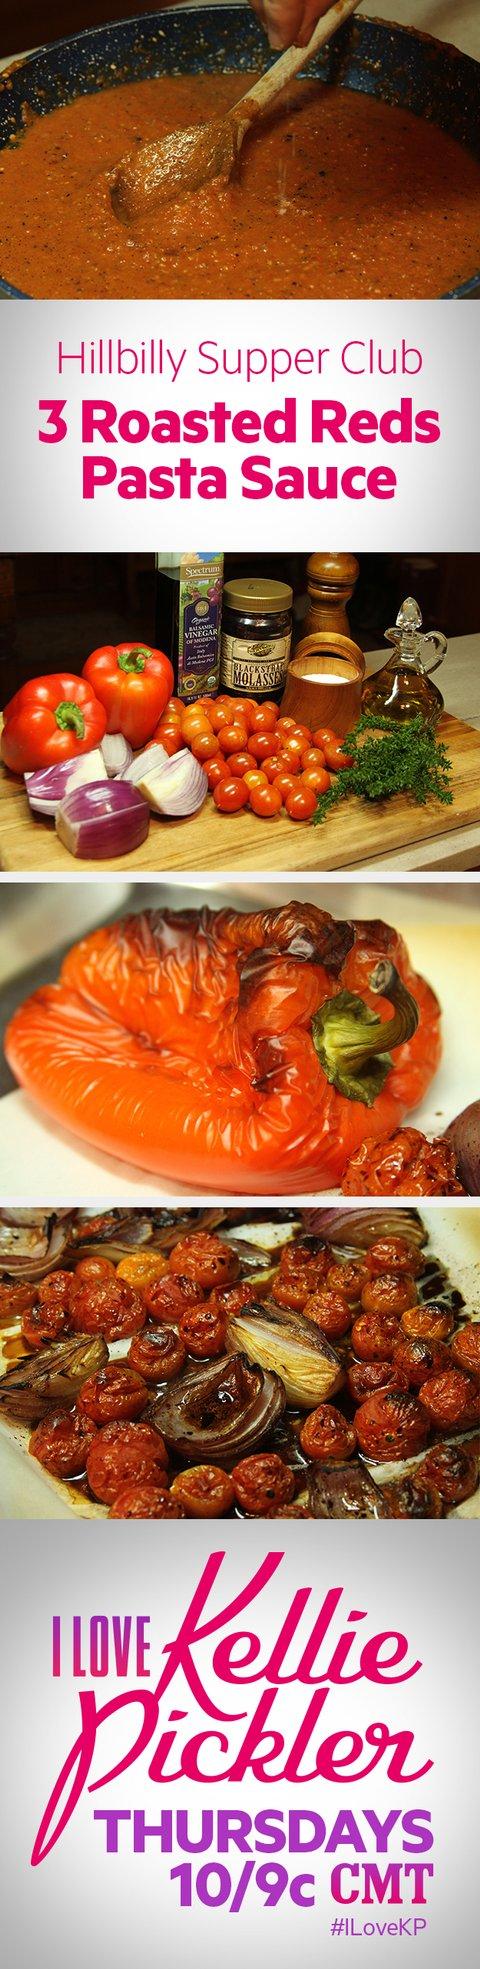 I Love Kellie Pickler - 3 Reds Roasted Pasta Sauce